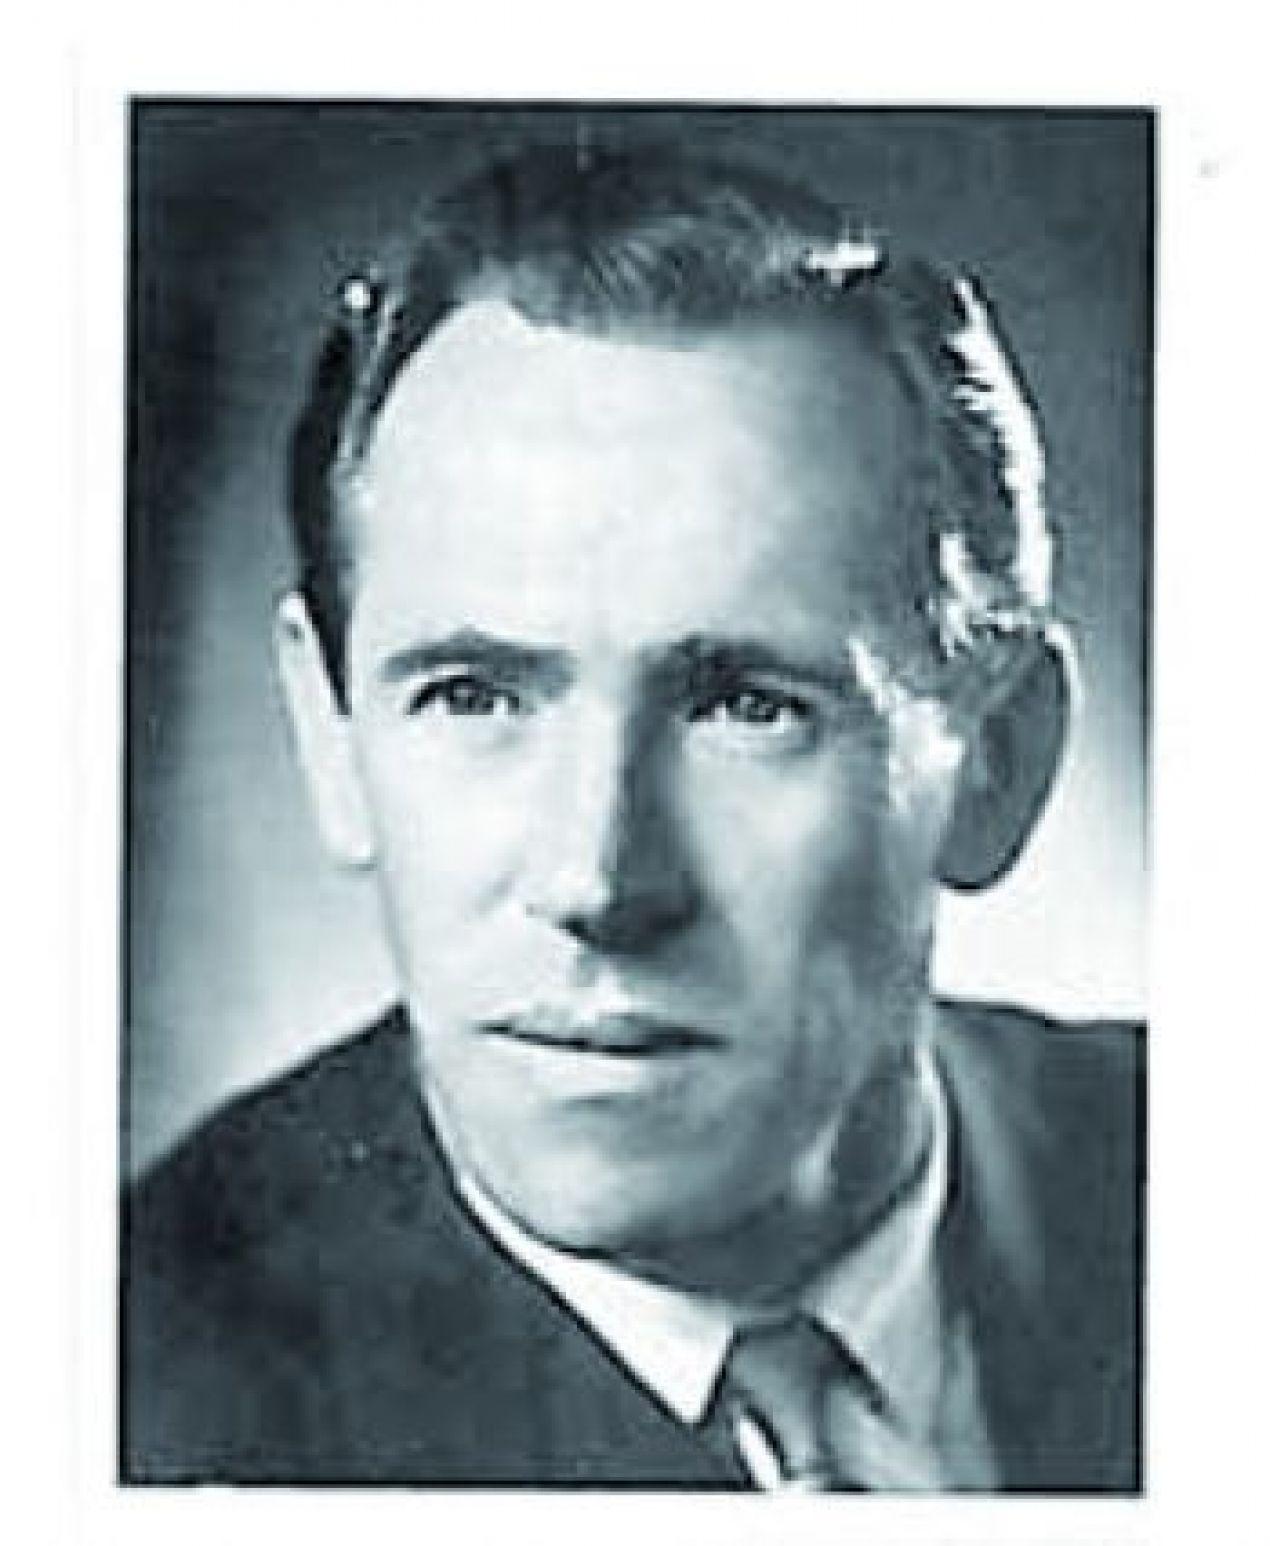 Bernhard Beurer